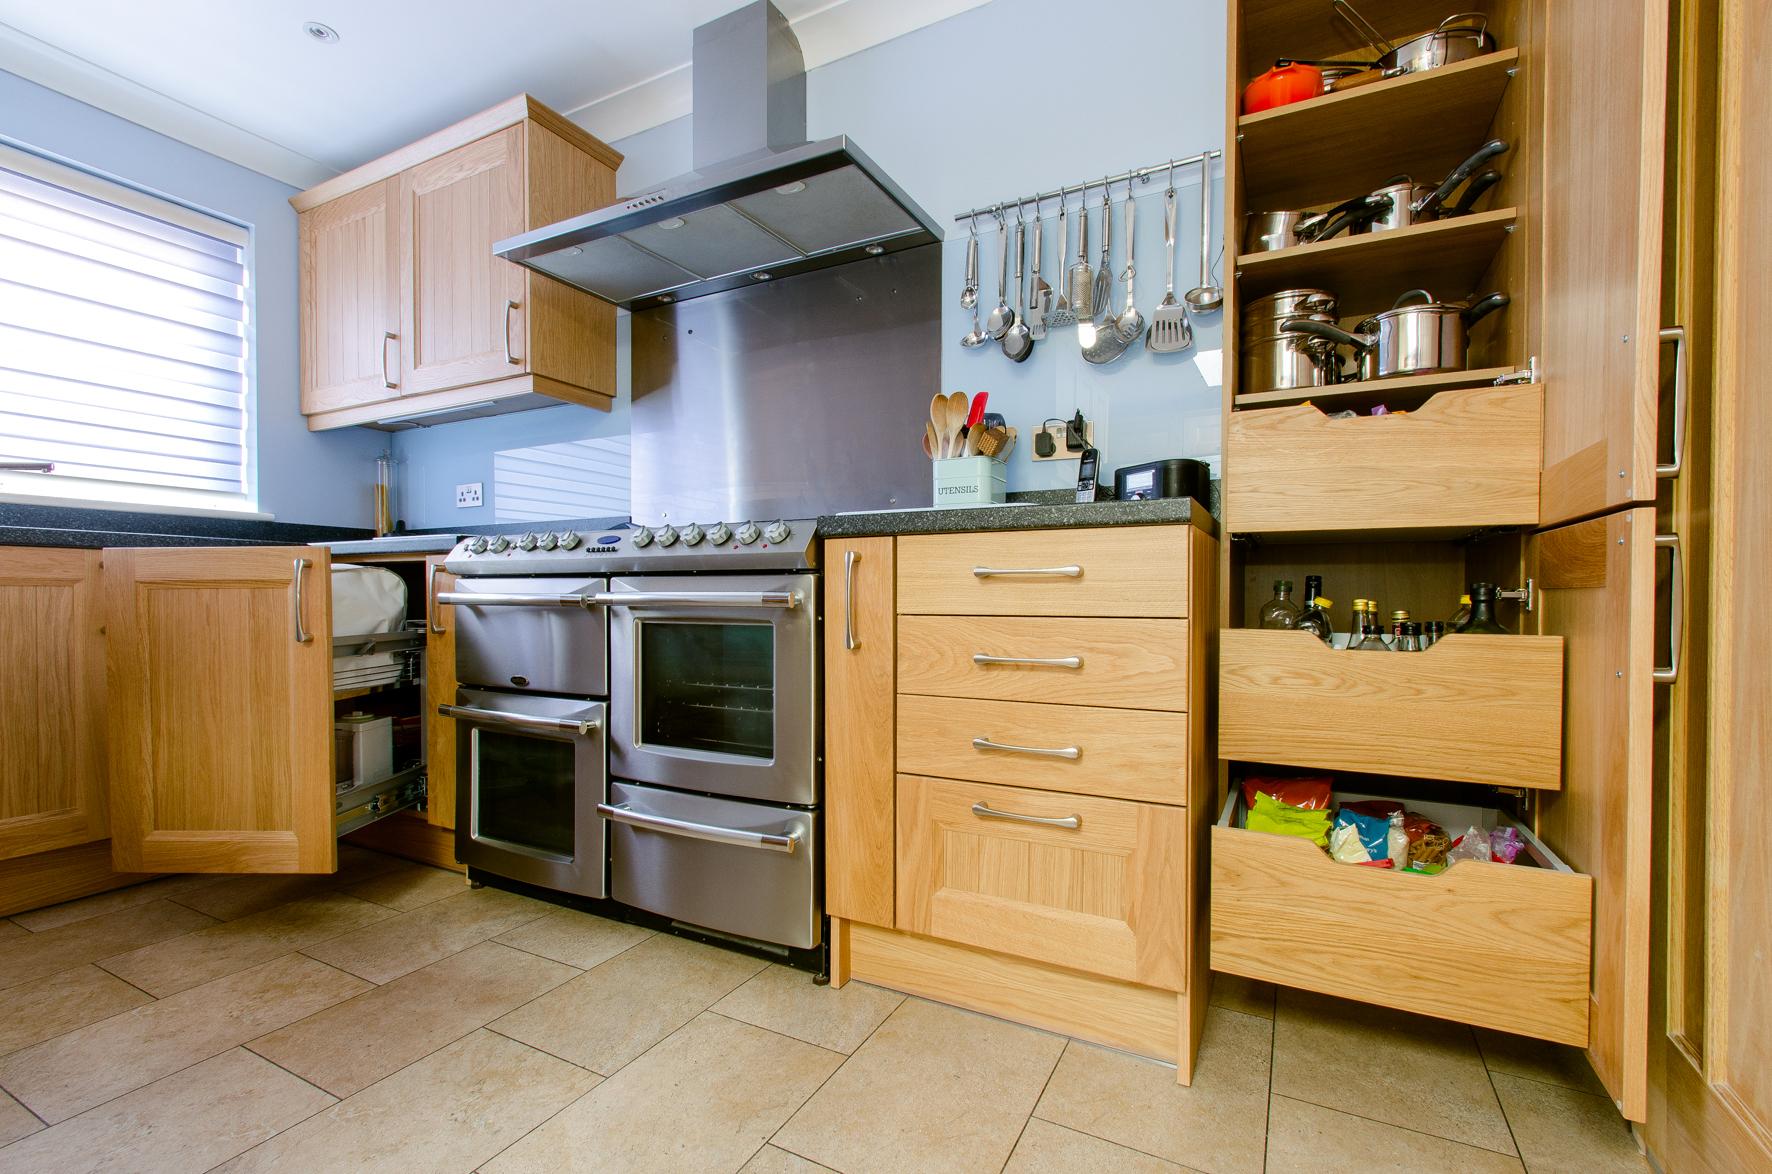 36 Cranleigh kitchen cupboard 4.jpg